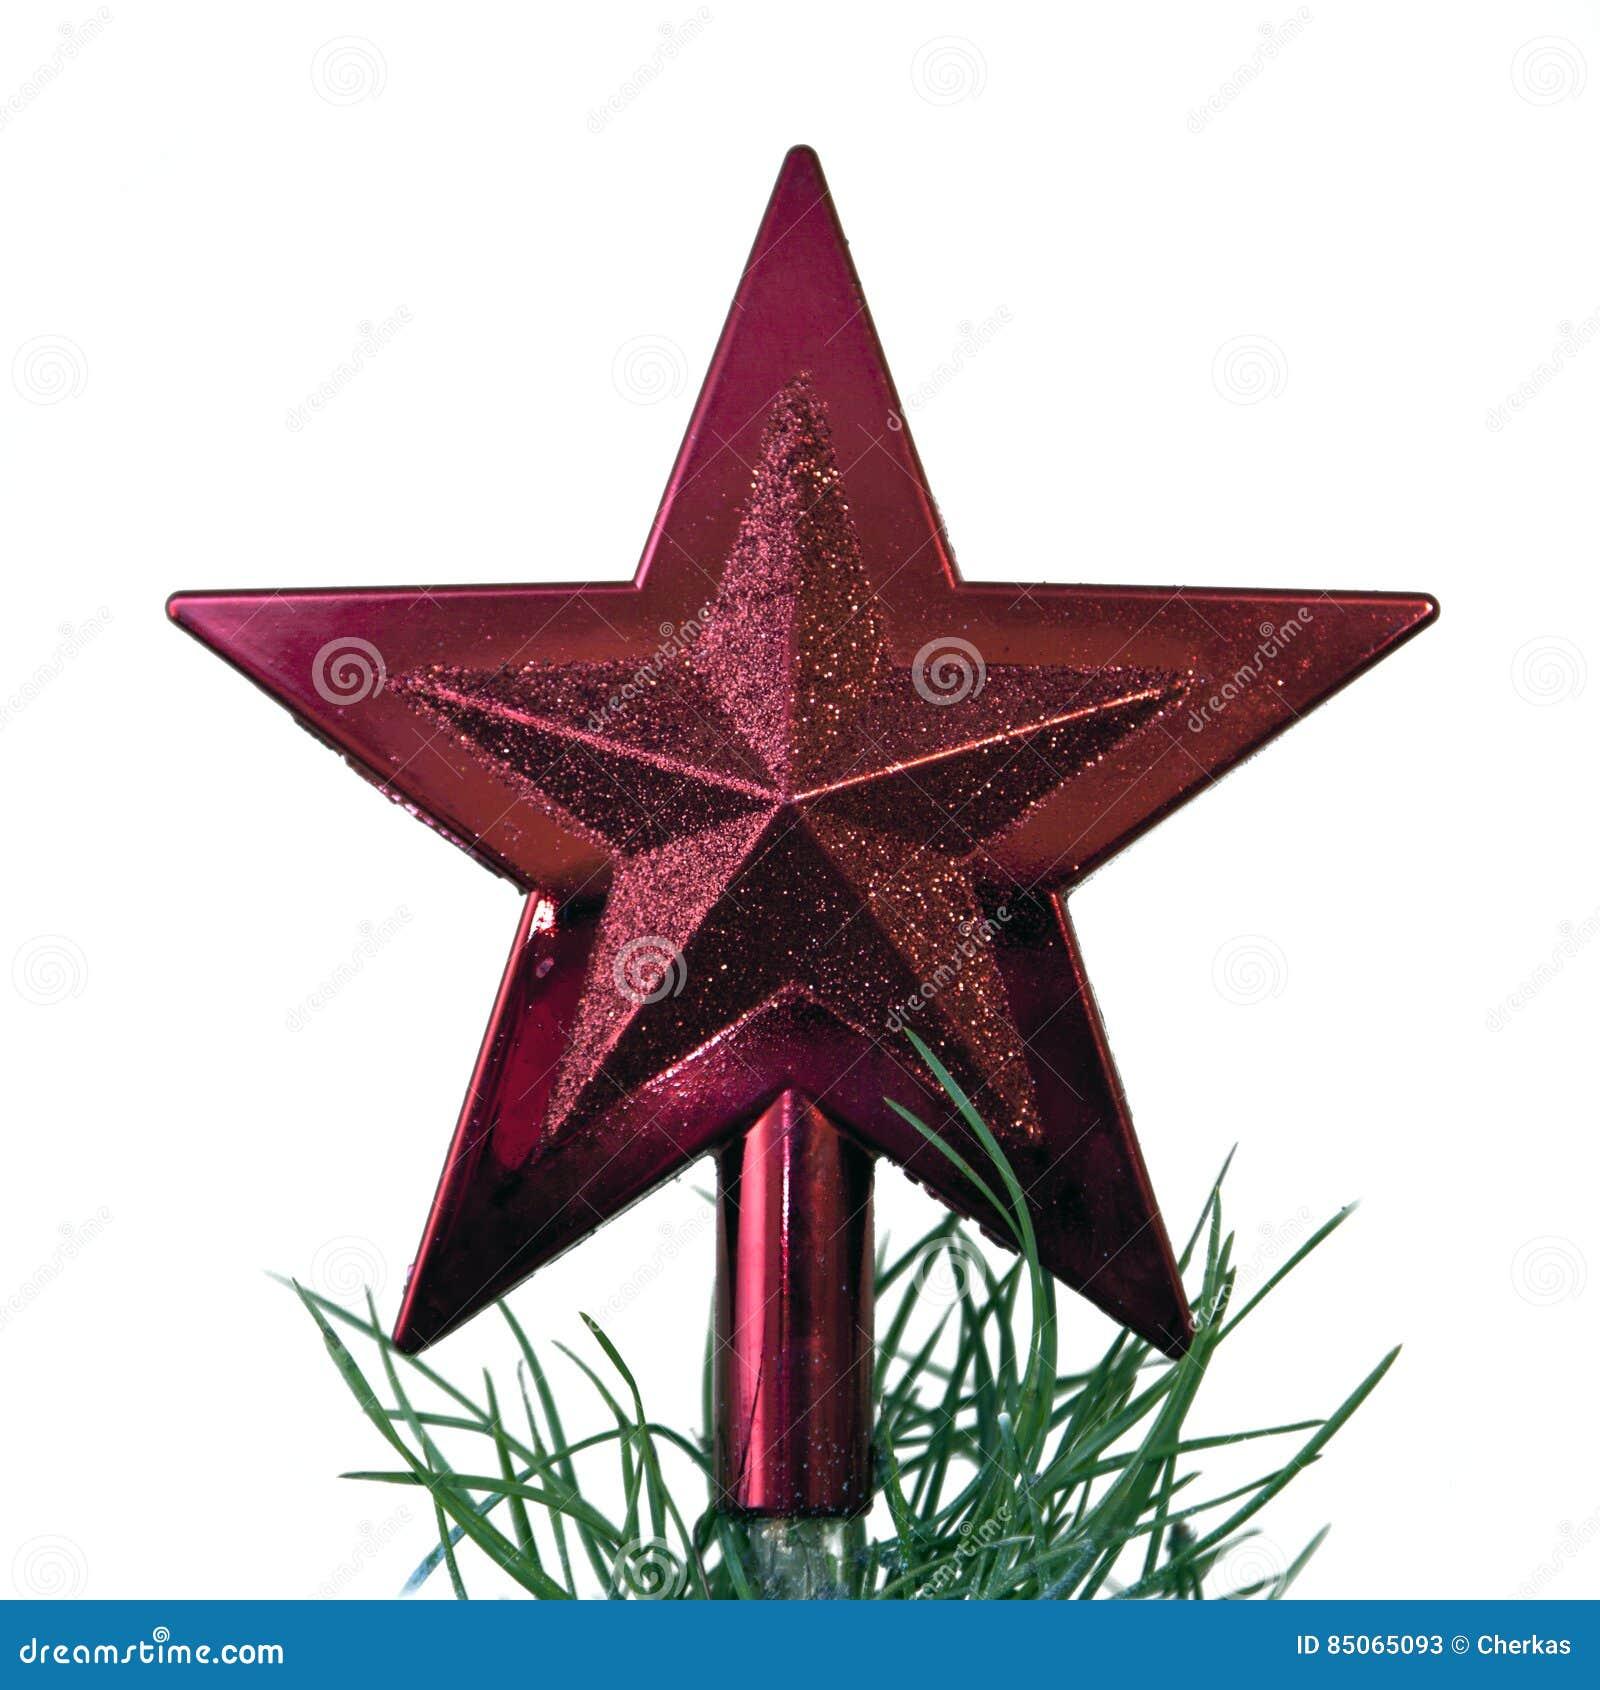 Stern Auf Weihnachtsbaum.Roter Stern Auf Weihnachtsbaum Stockbild Bild Von Sparkly